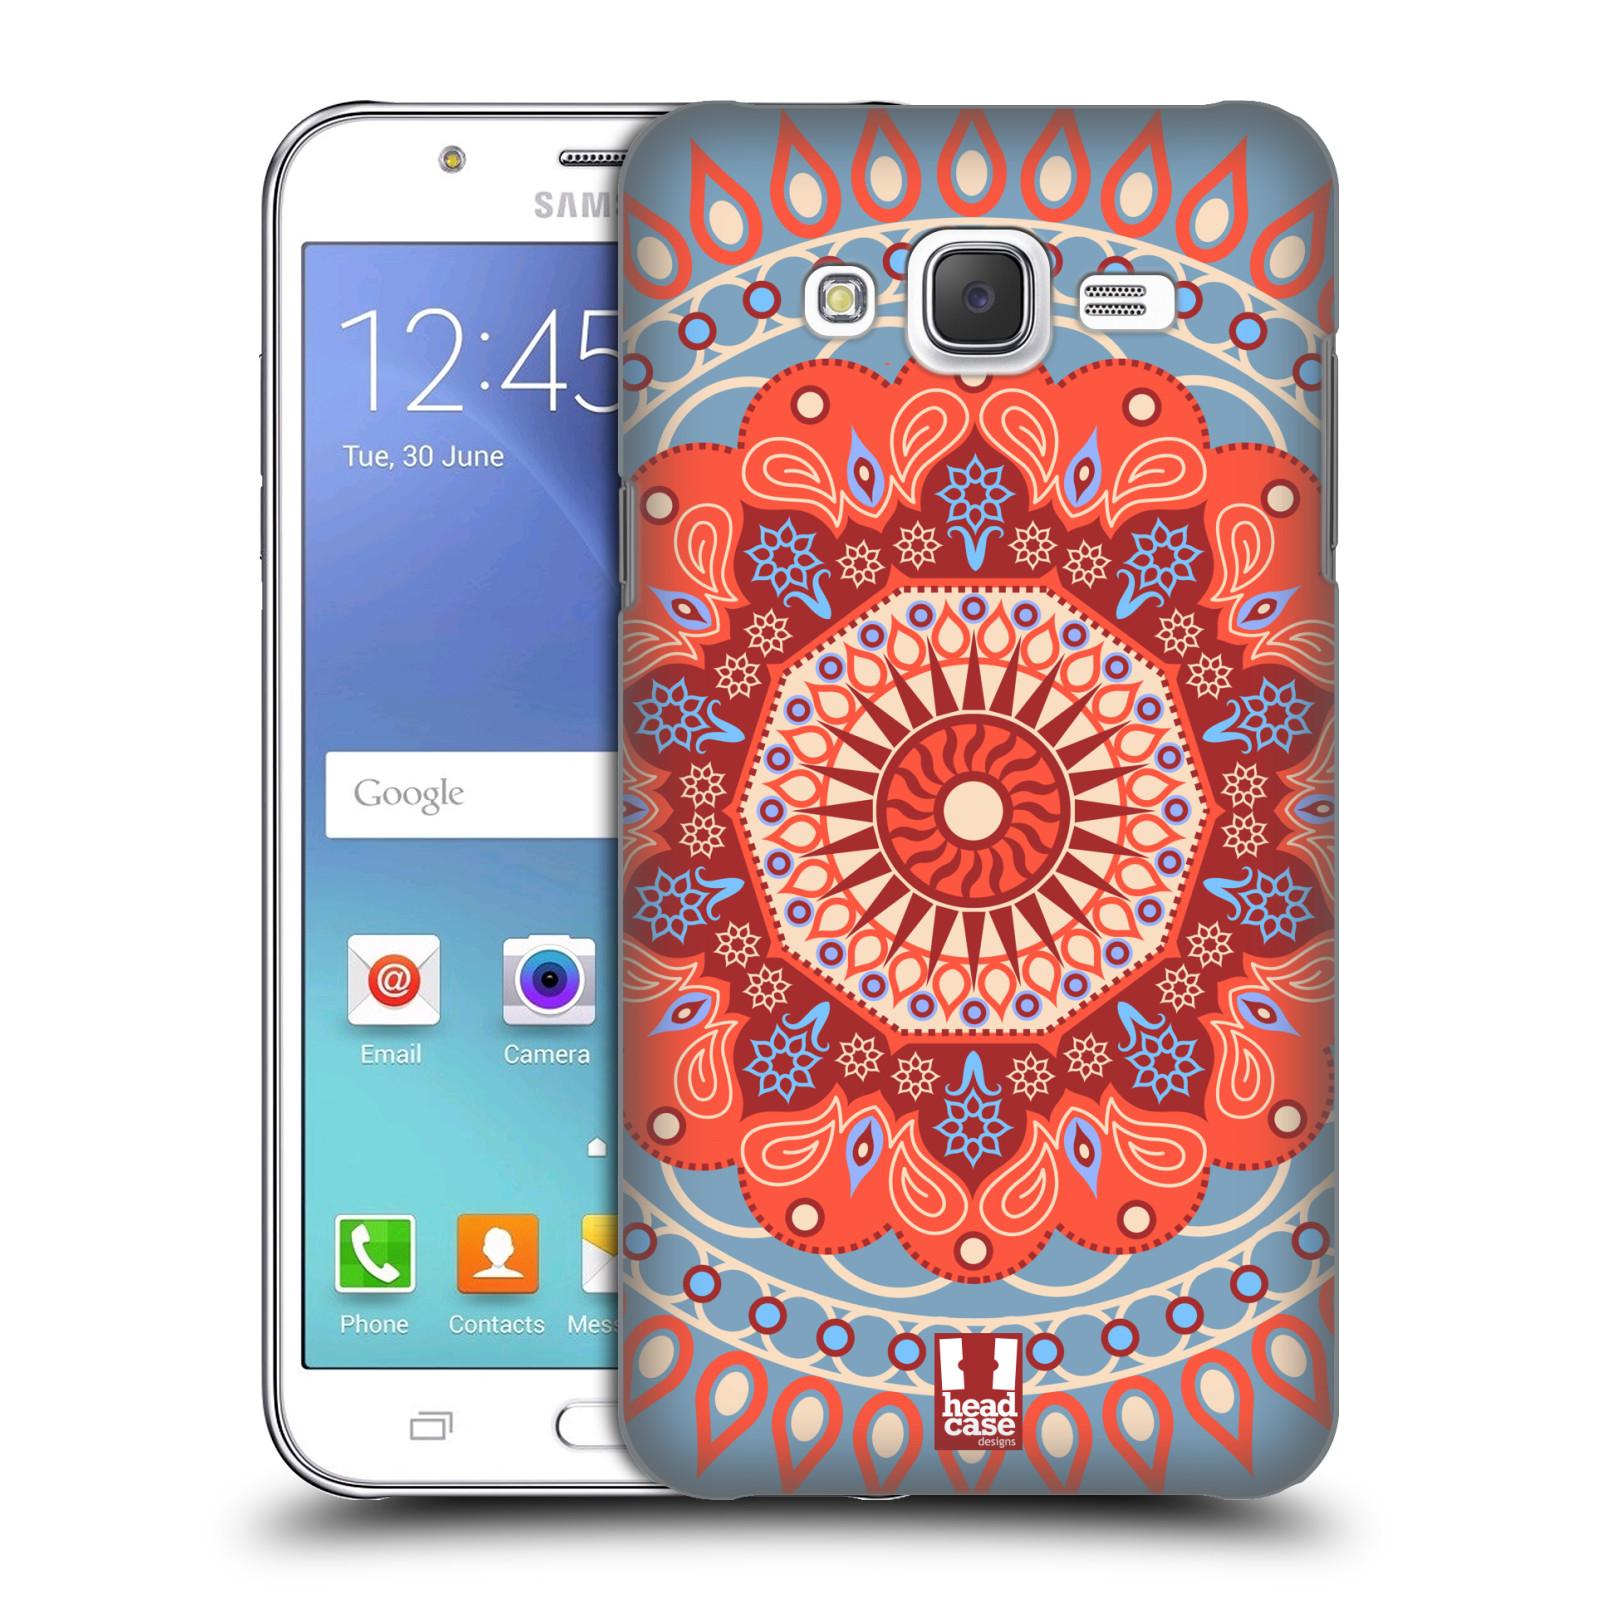 HEAD CASE plastový obal na mobil SAMSUNG Galaxy J5, J500 vzor Indie Mandala slunce barevný motiv ČERVENÁ A MODRÁ